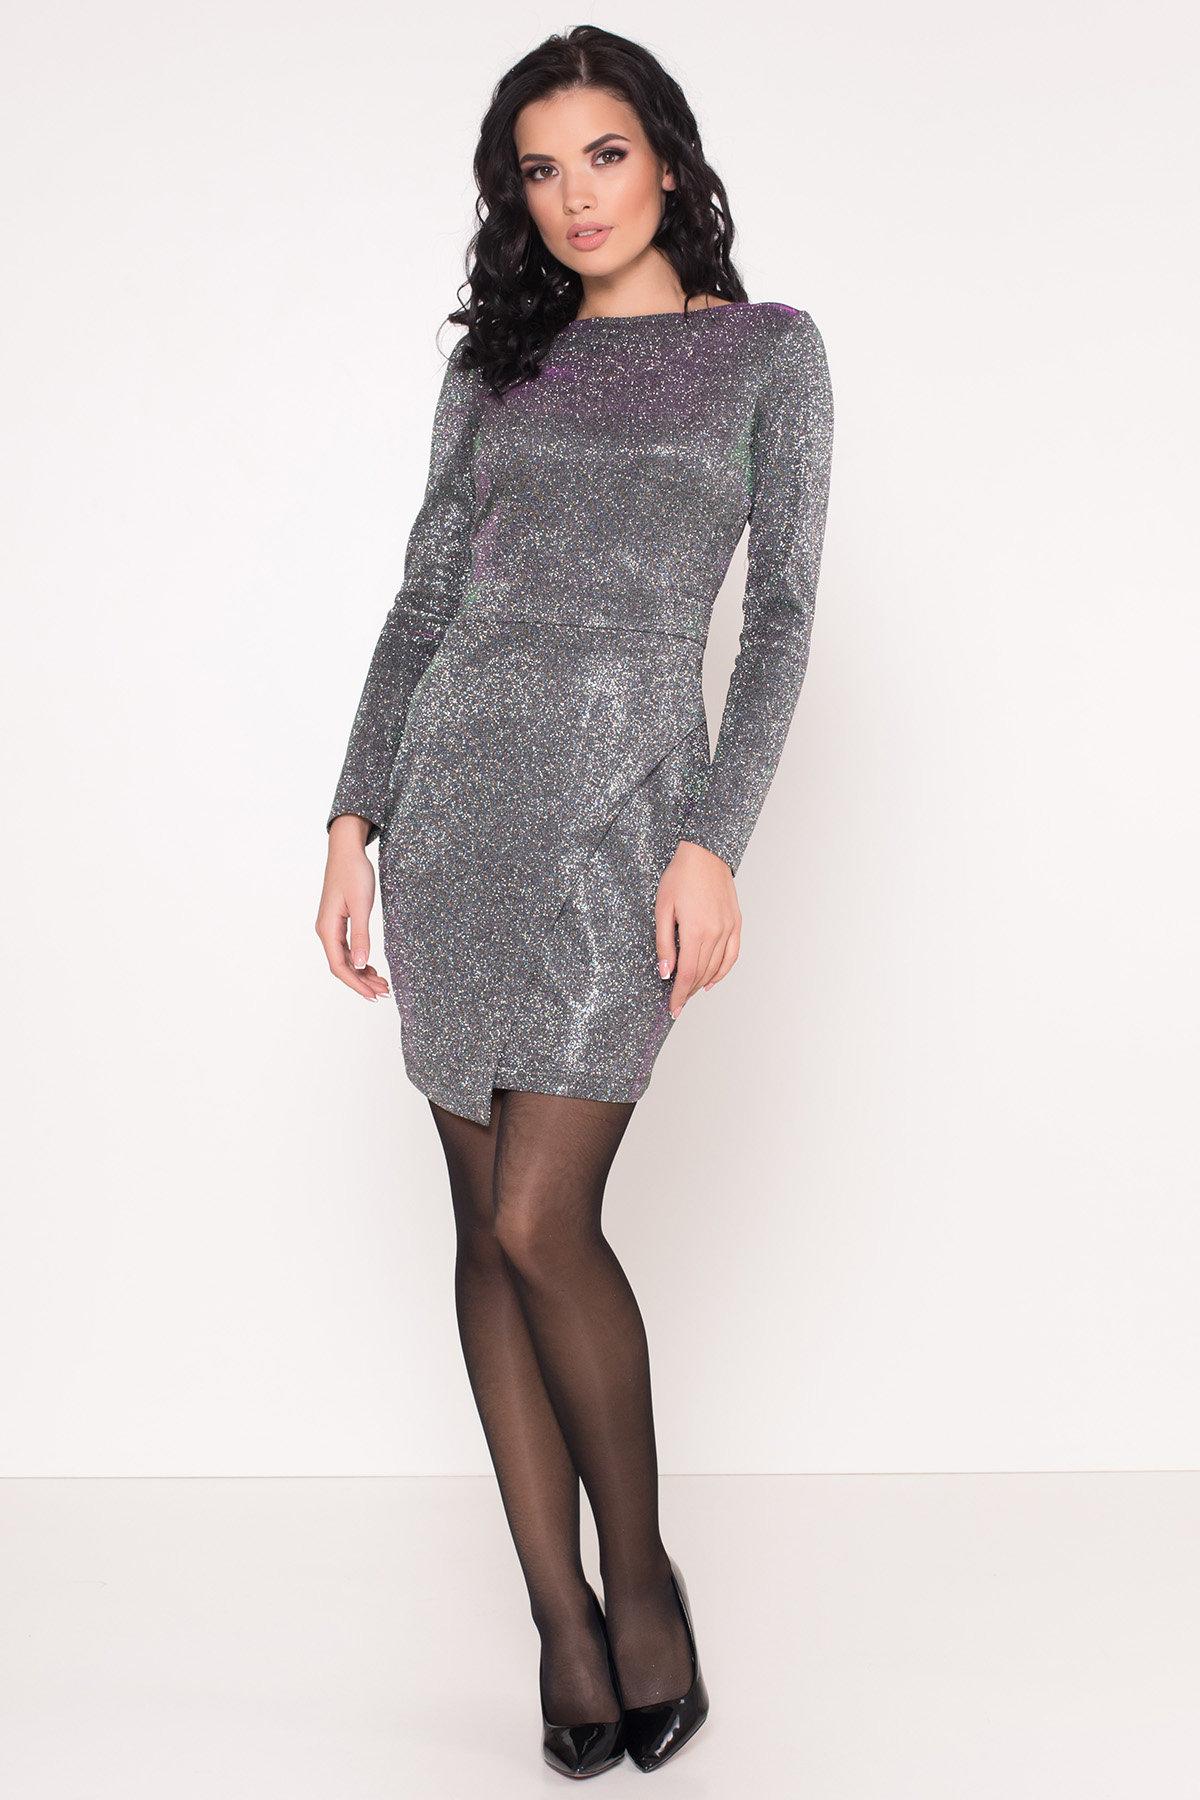 Коктейльное платье Кристал 8346 АРТ. 44902 Цвет: Серебро/изумруд/розовый - фото 1, интернет магазин tm-modus.ru